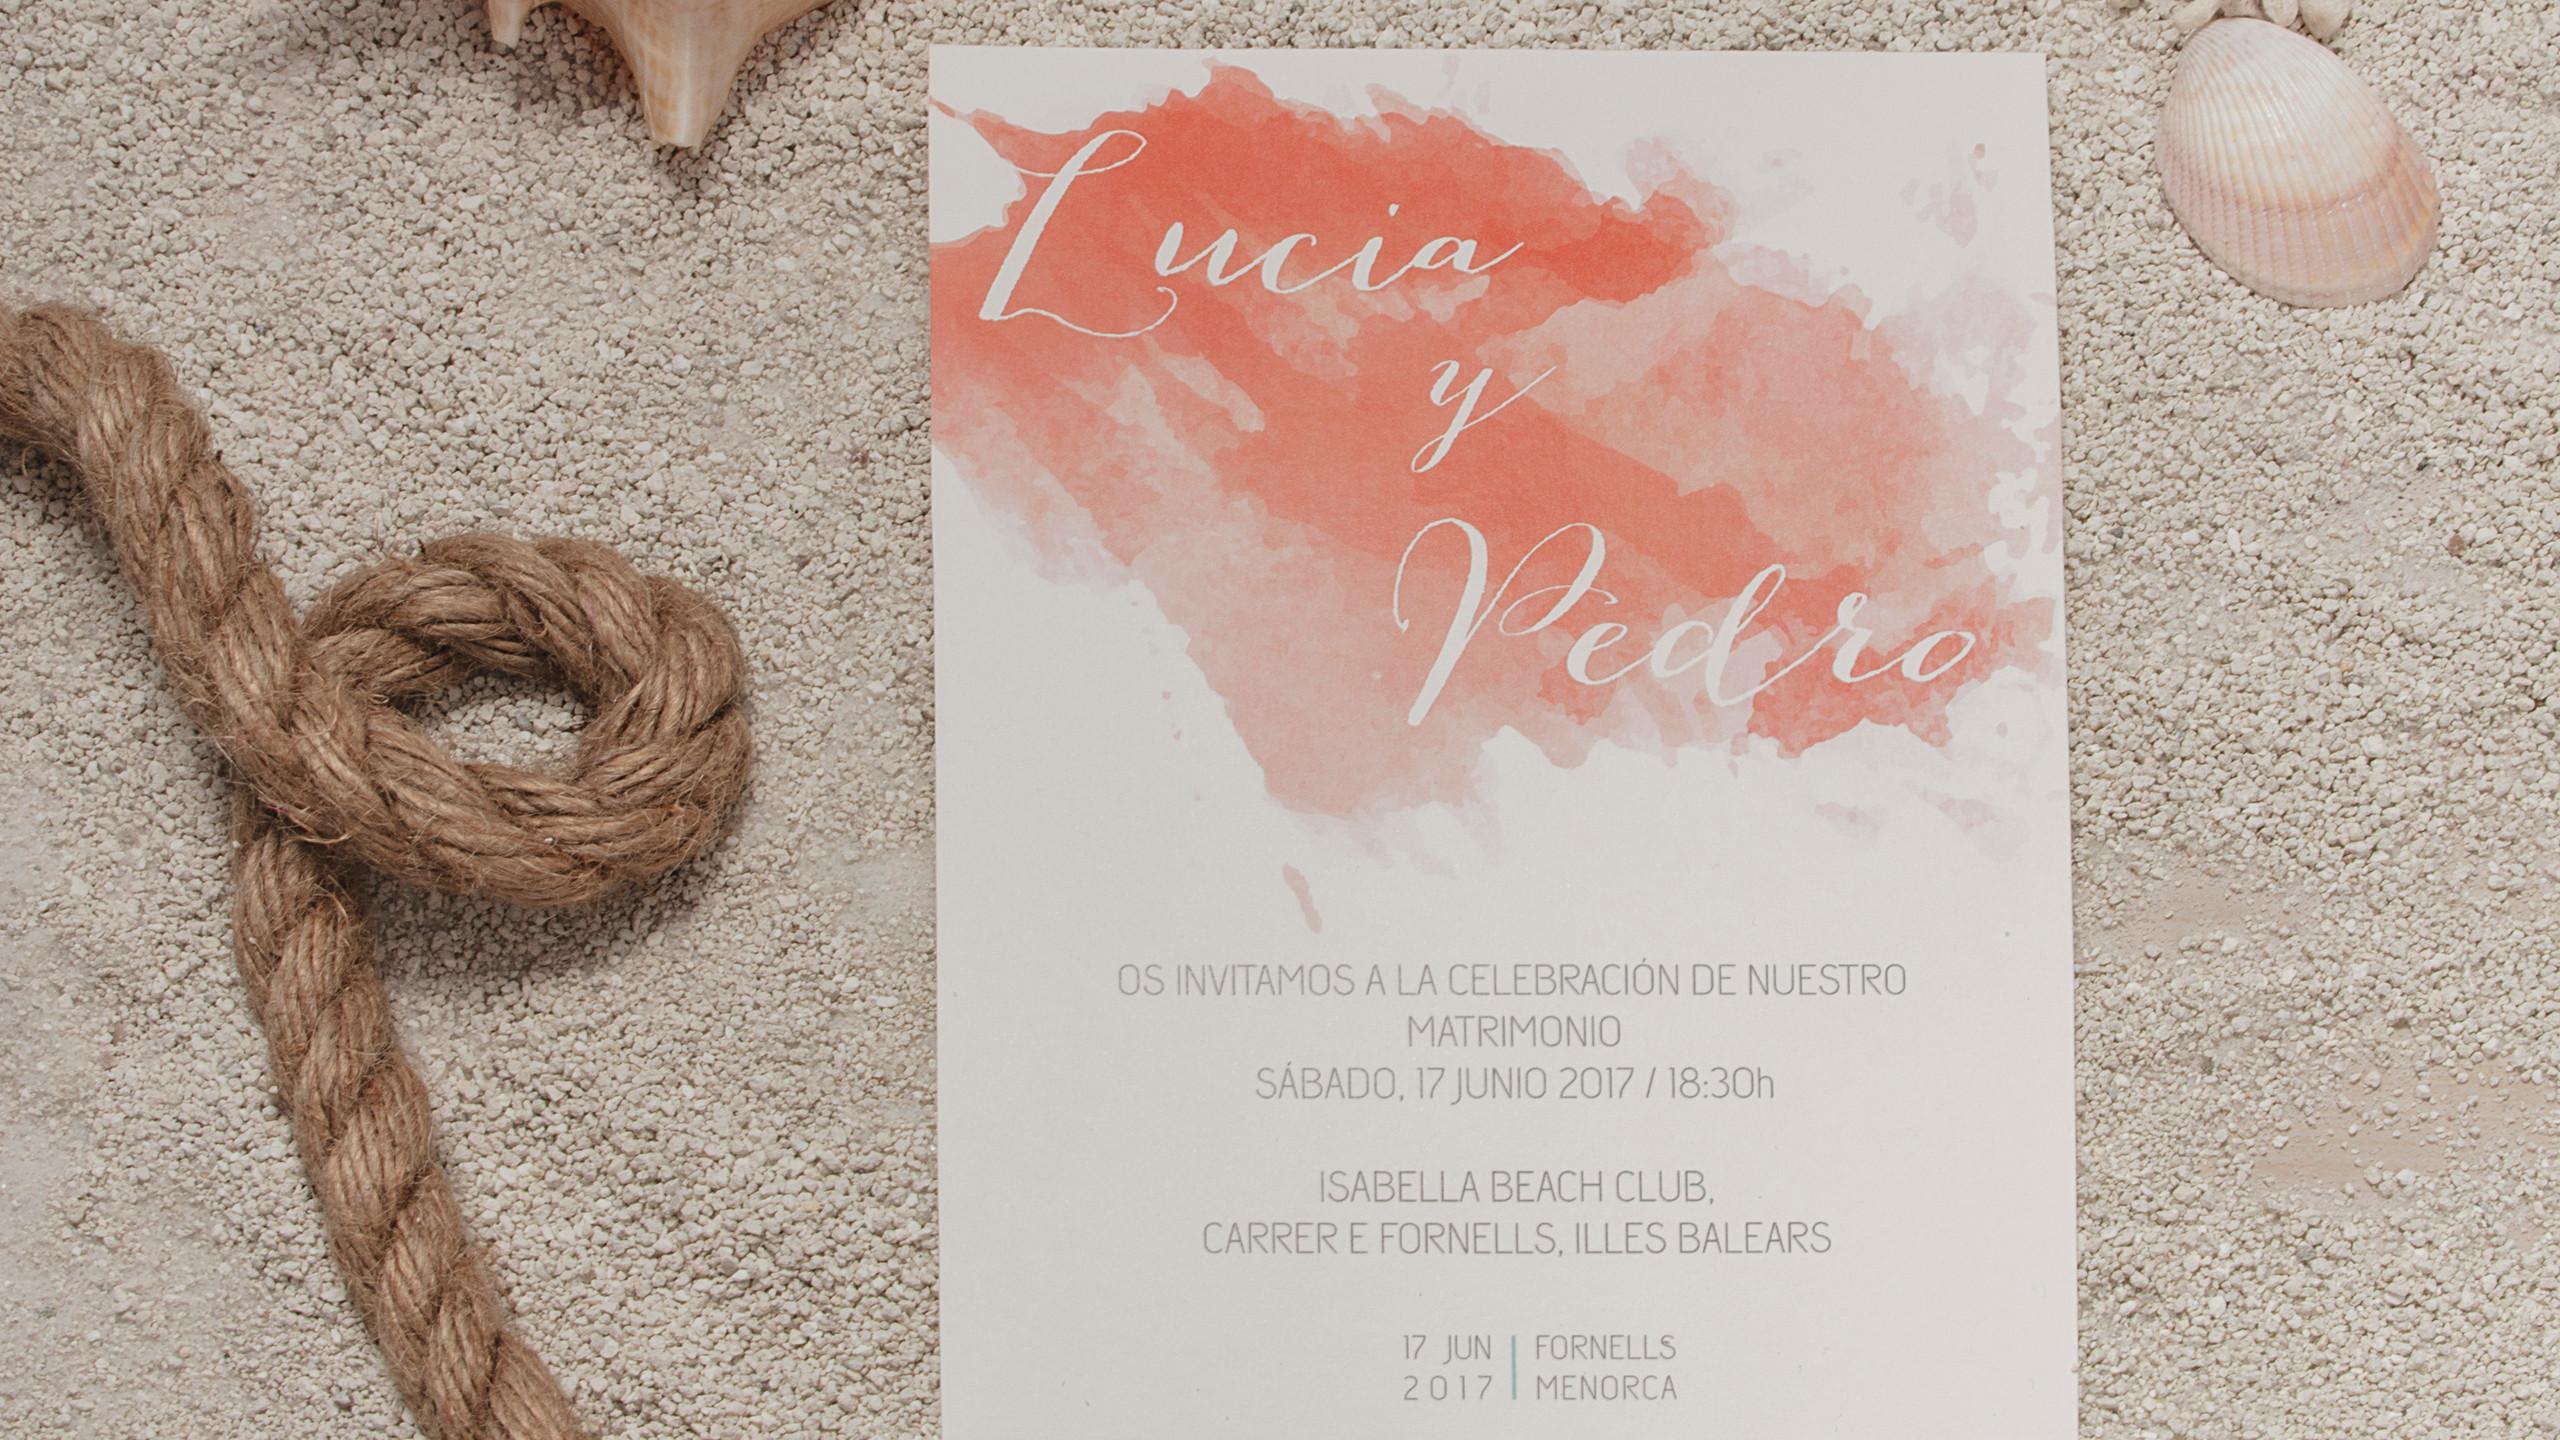 Invitaciones de boda originales, Invitaciones de boda coral, Invitaciones de boda acuarela, Invitaciones de boda turquesa, Invitaciones de boda marineras